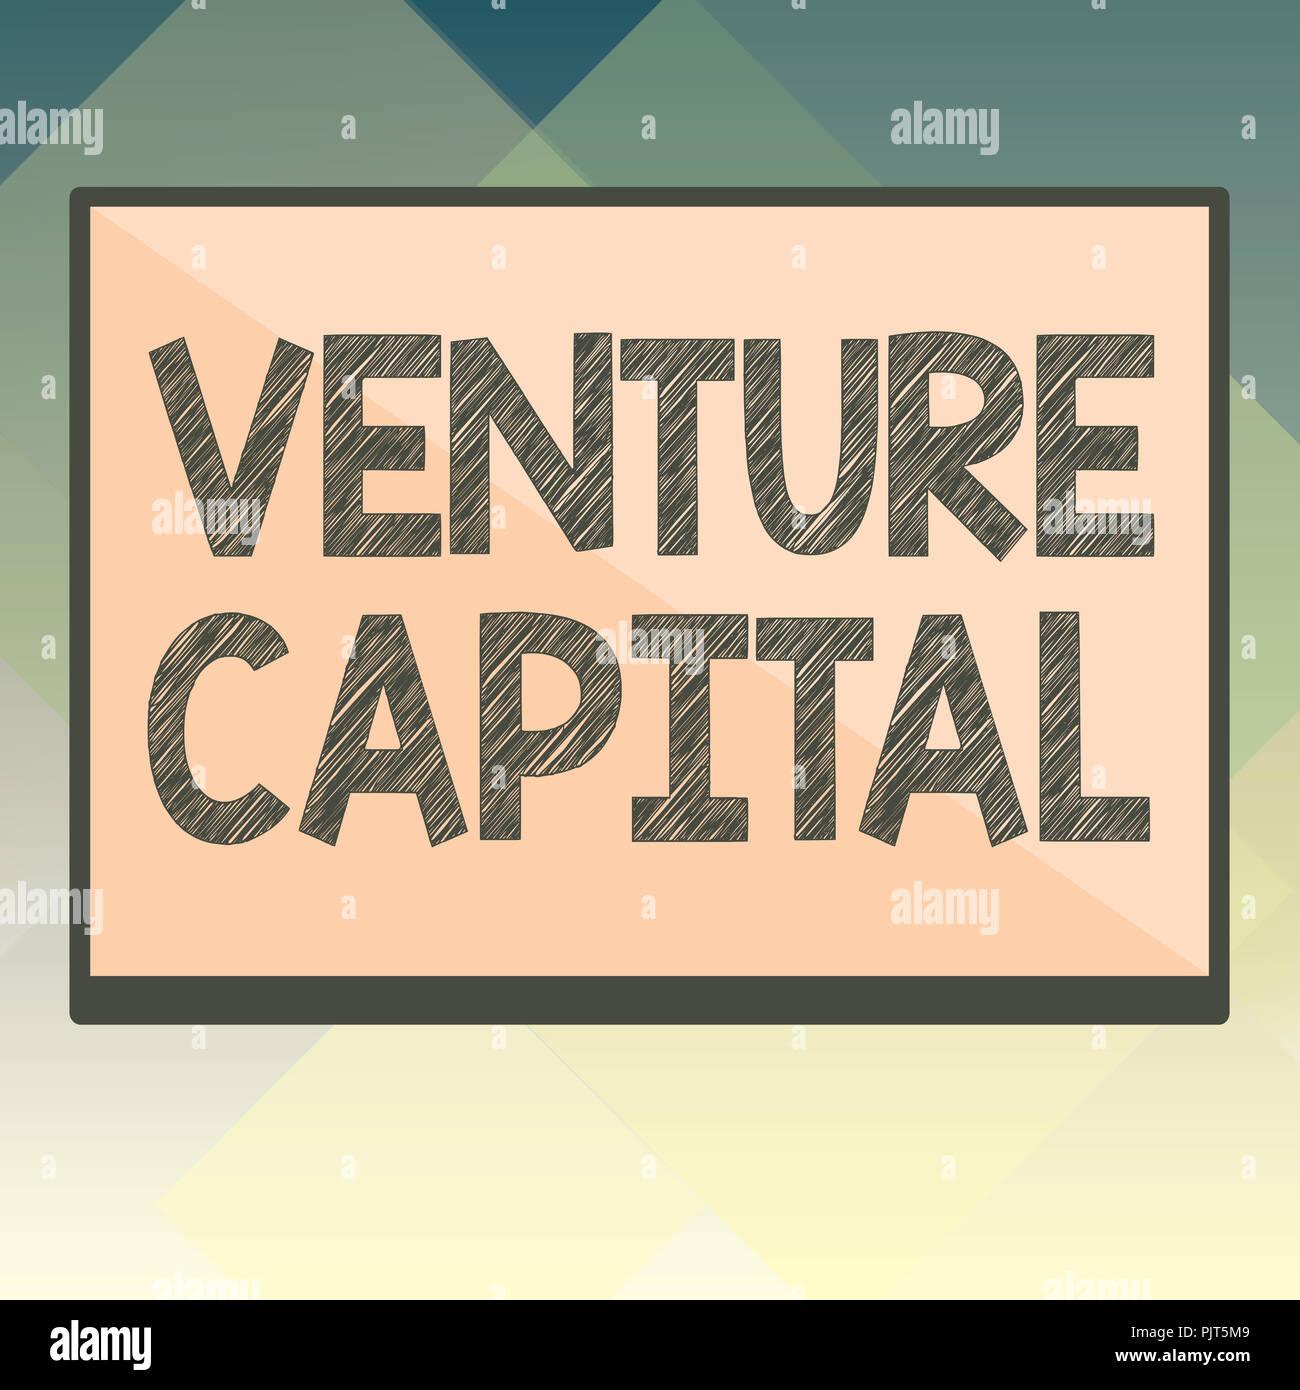 Venture Capital Firms Stock Photos & Venture Capital Firms